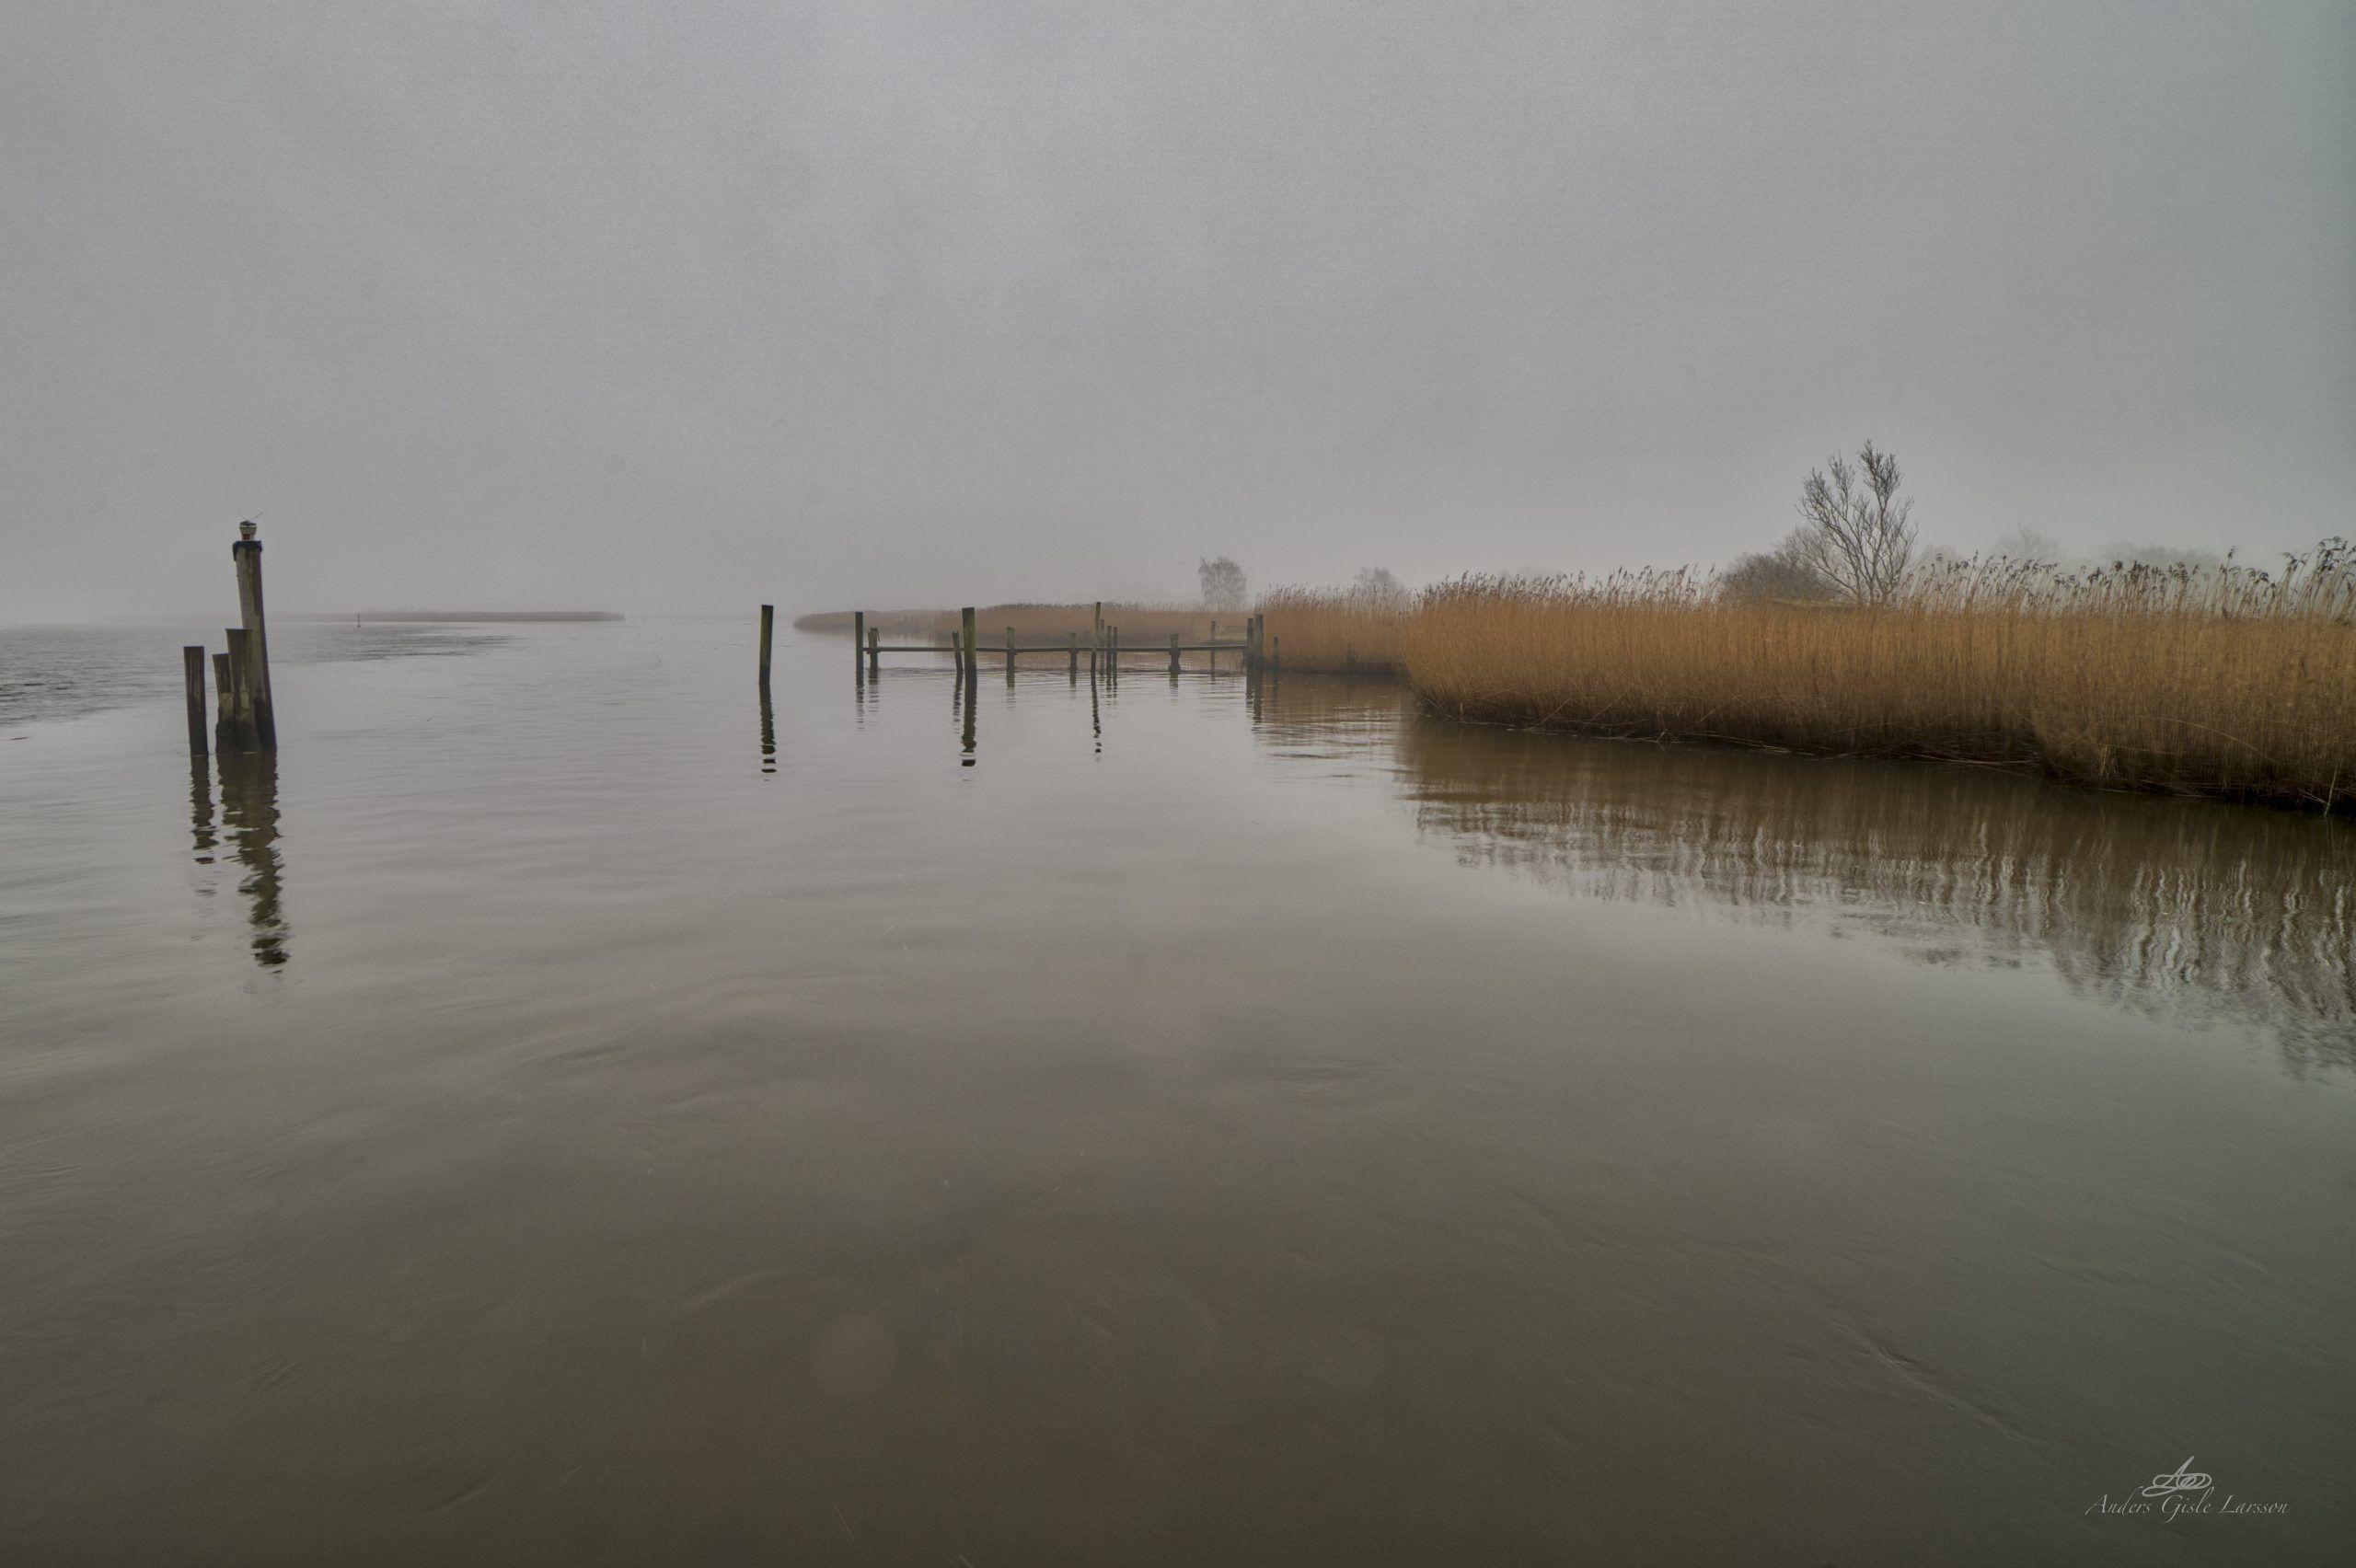 Tåge vand, Manuelt 14mm Vidvinkel, Uge 2, 11/365, Randers Fjord, Uggelhuse, Randers